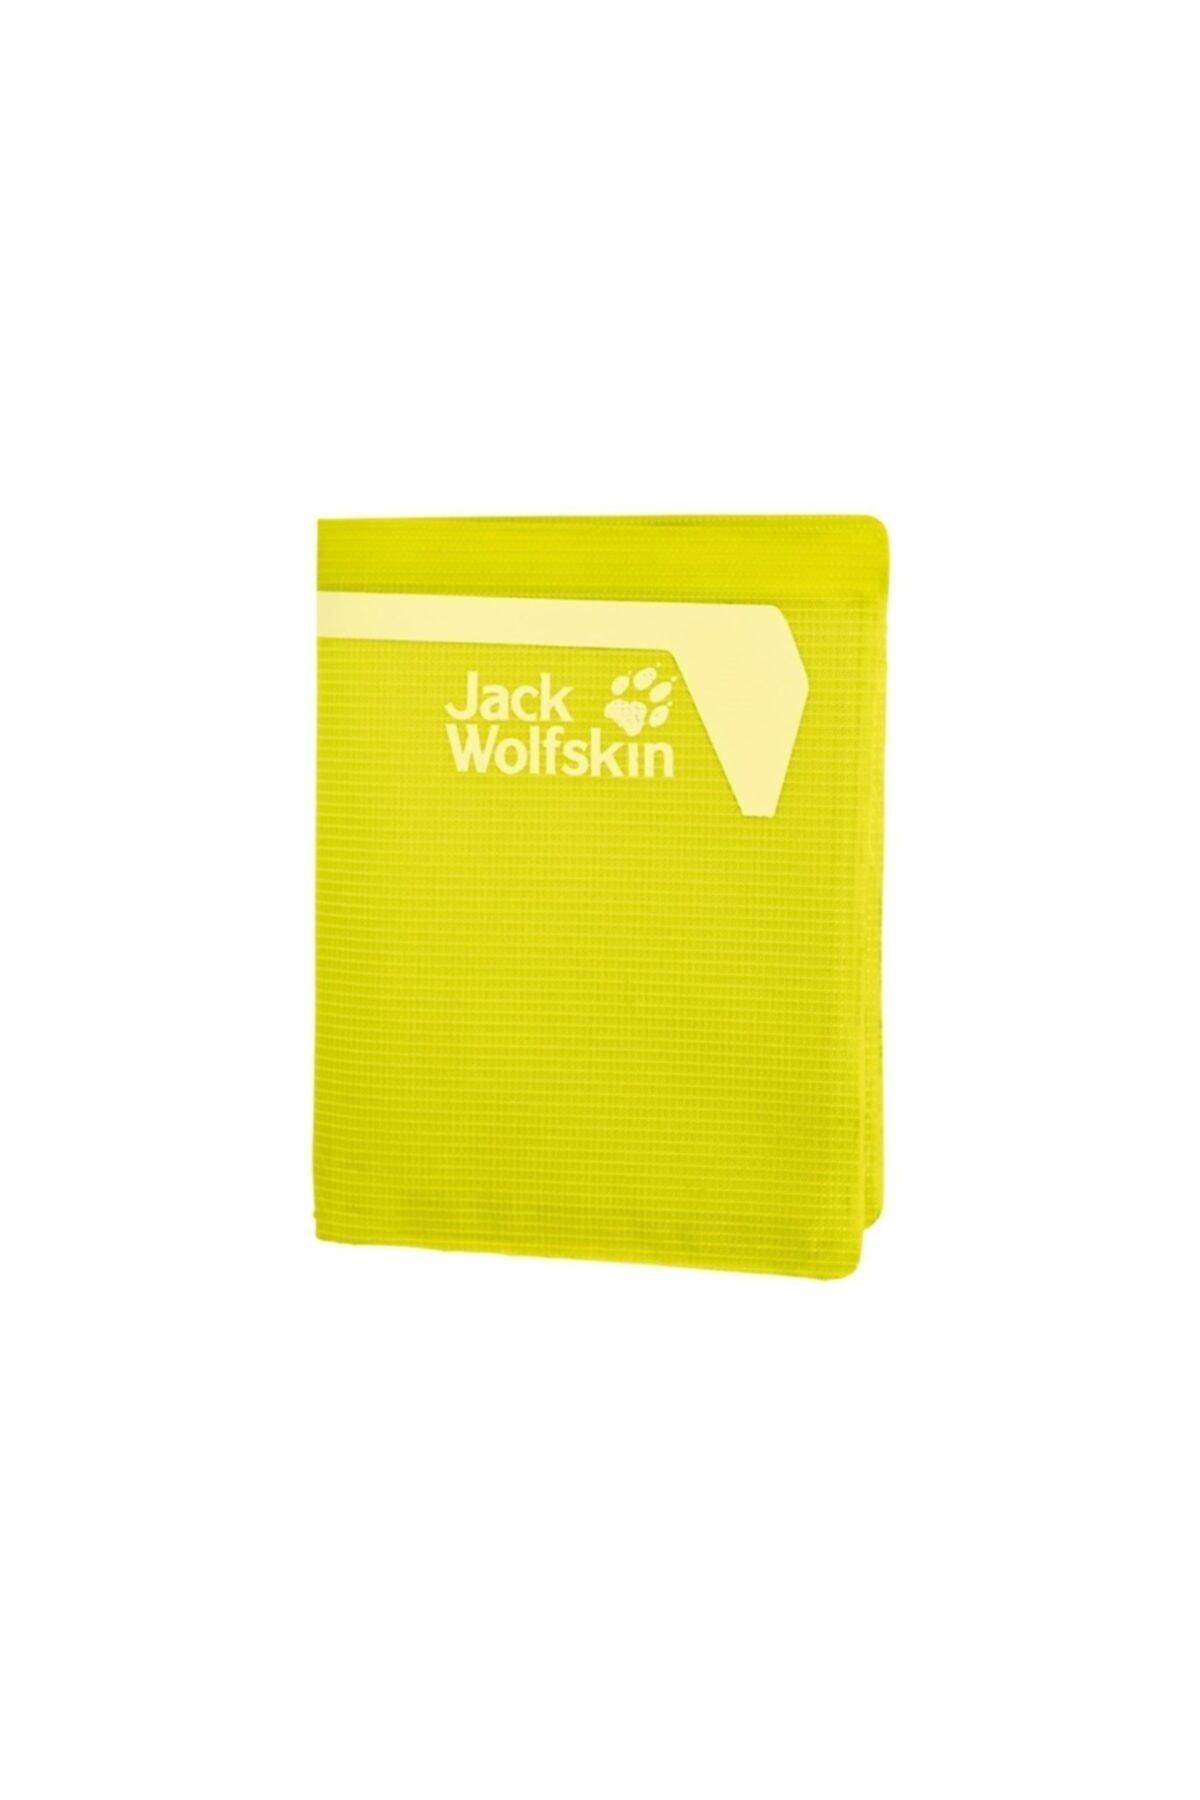 Jack Wolfskin Dryfold Outdoor Kadın Cüzdan 8001621-3014 1